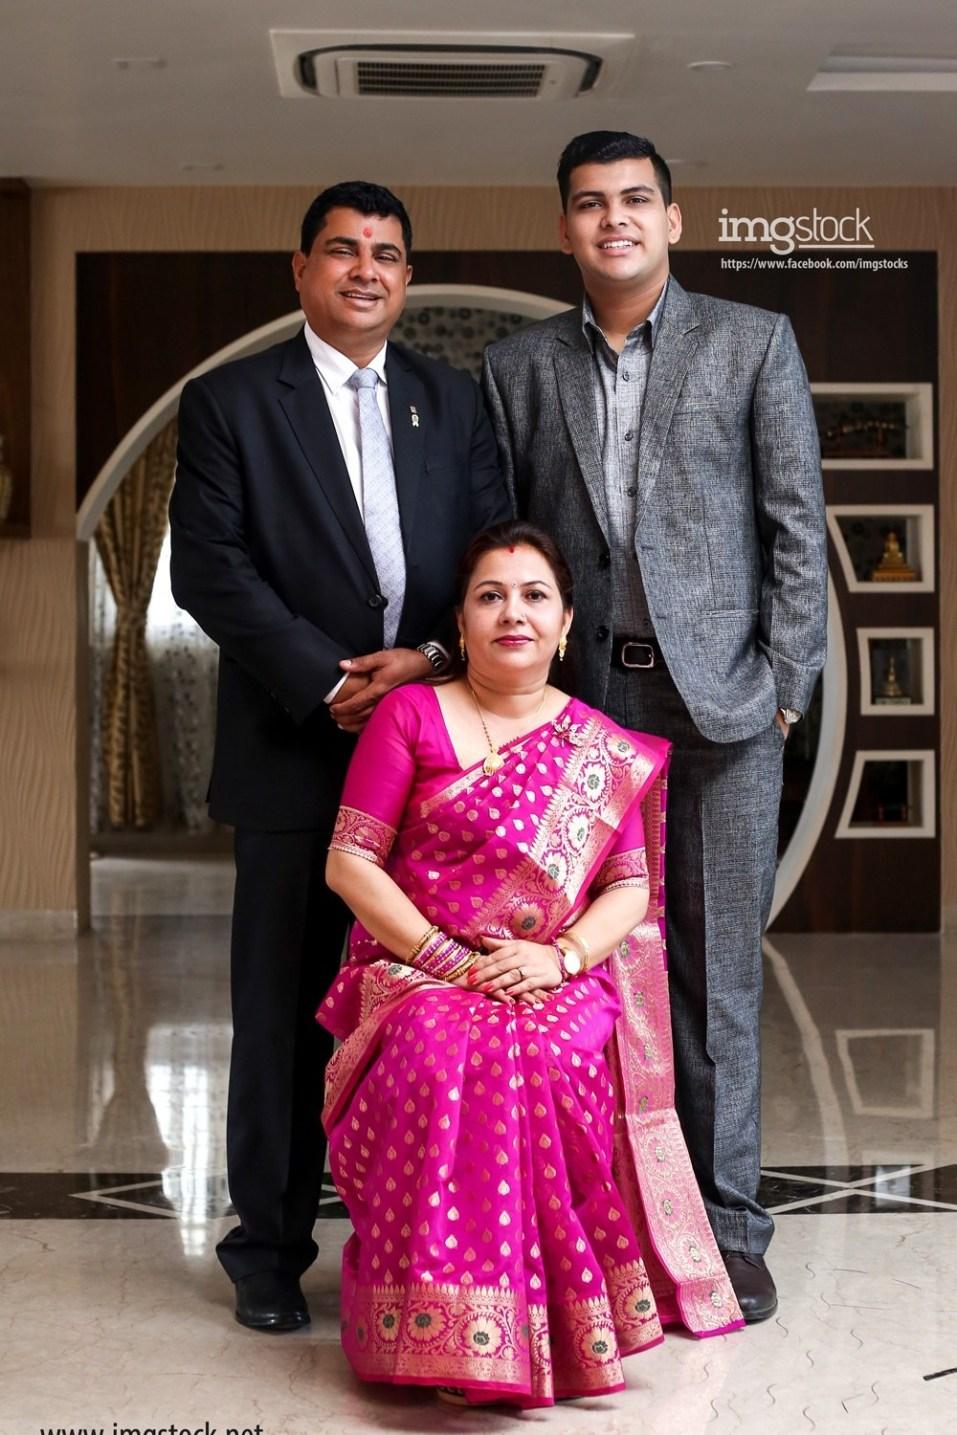 Bholeshwor Dulal Family - Imgstock, Biratnagar